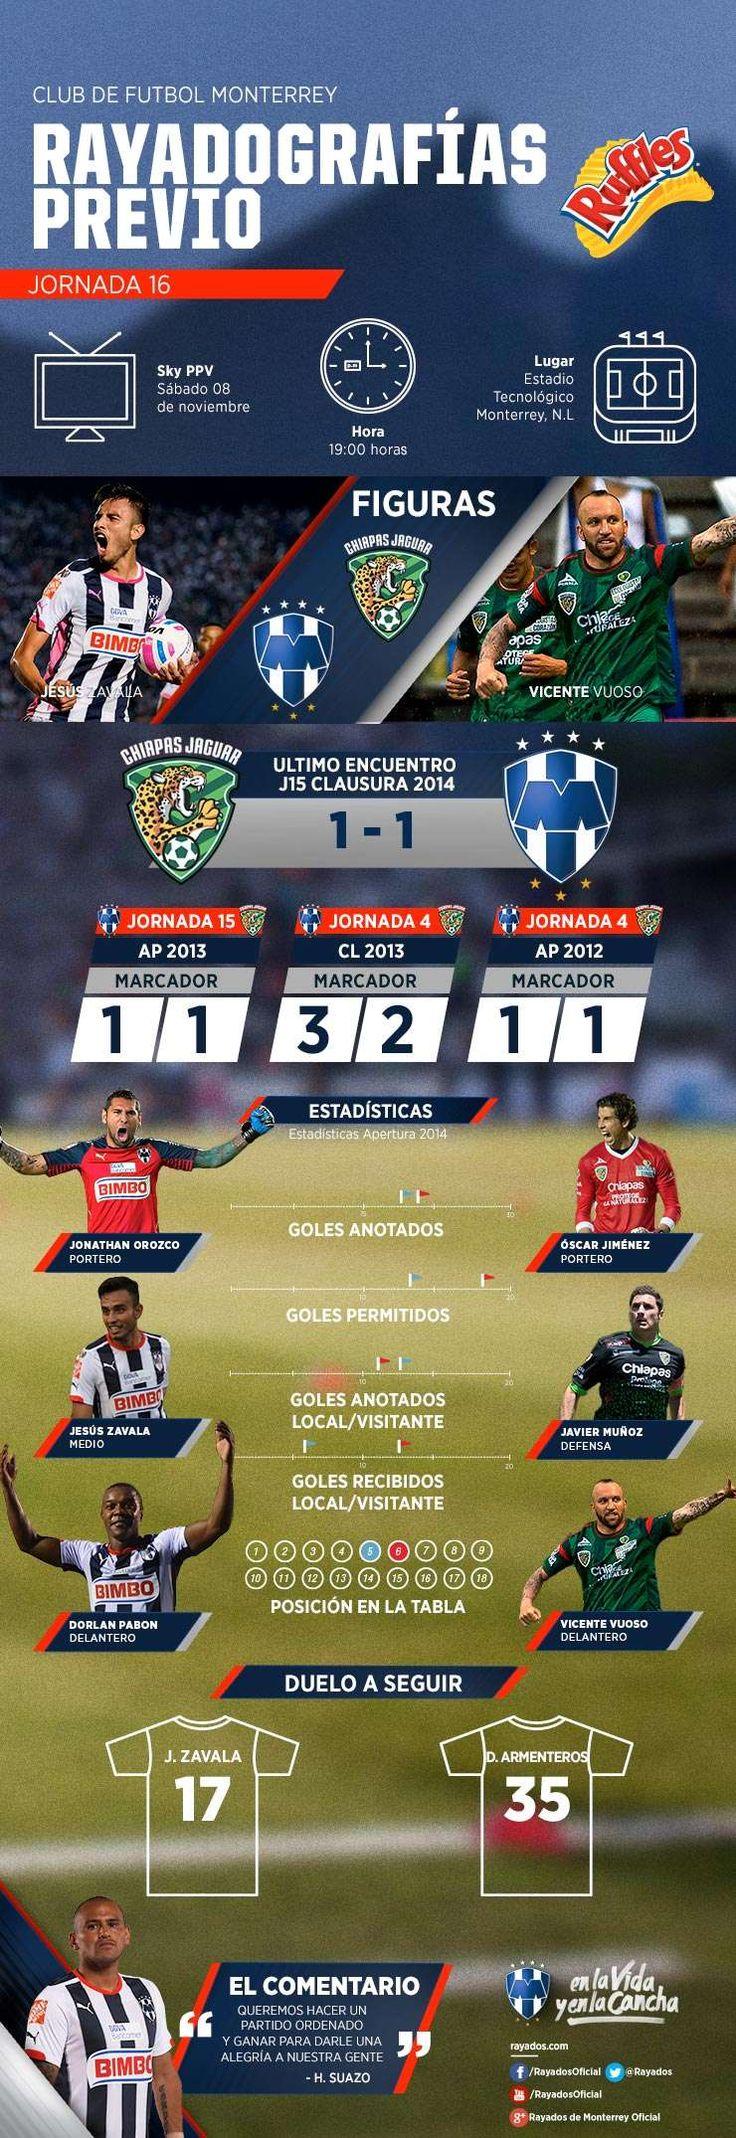 ¡La #Rayadografía del partido de hoy es presentada por Ruffles MX!  Para ver detalles y la imagen da clic aquí: http://www.rayados.com/primer-equipo/rayadografia-jaguares-vs-rayados-por-ruffles,978e628496979410VgnVCM10000098cceb0aRCRD.html